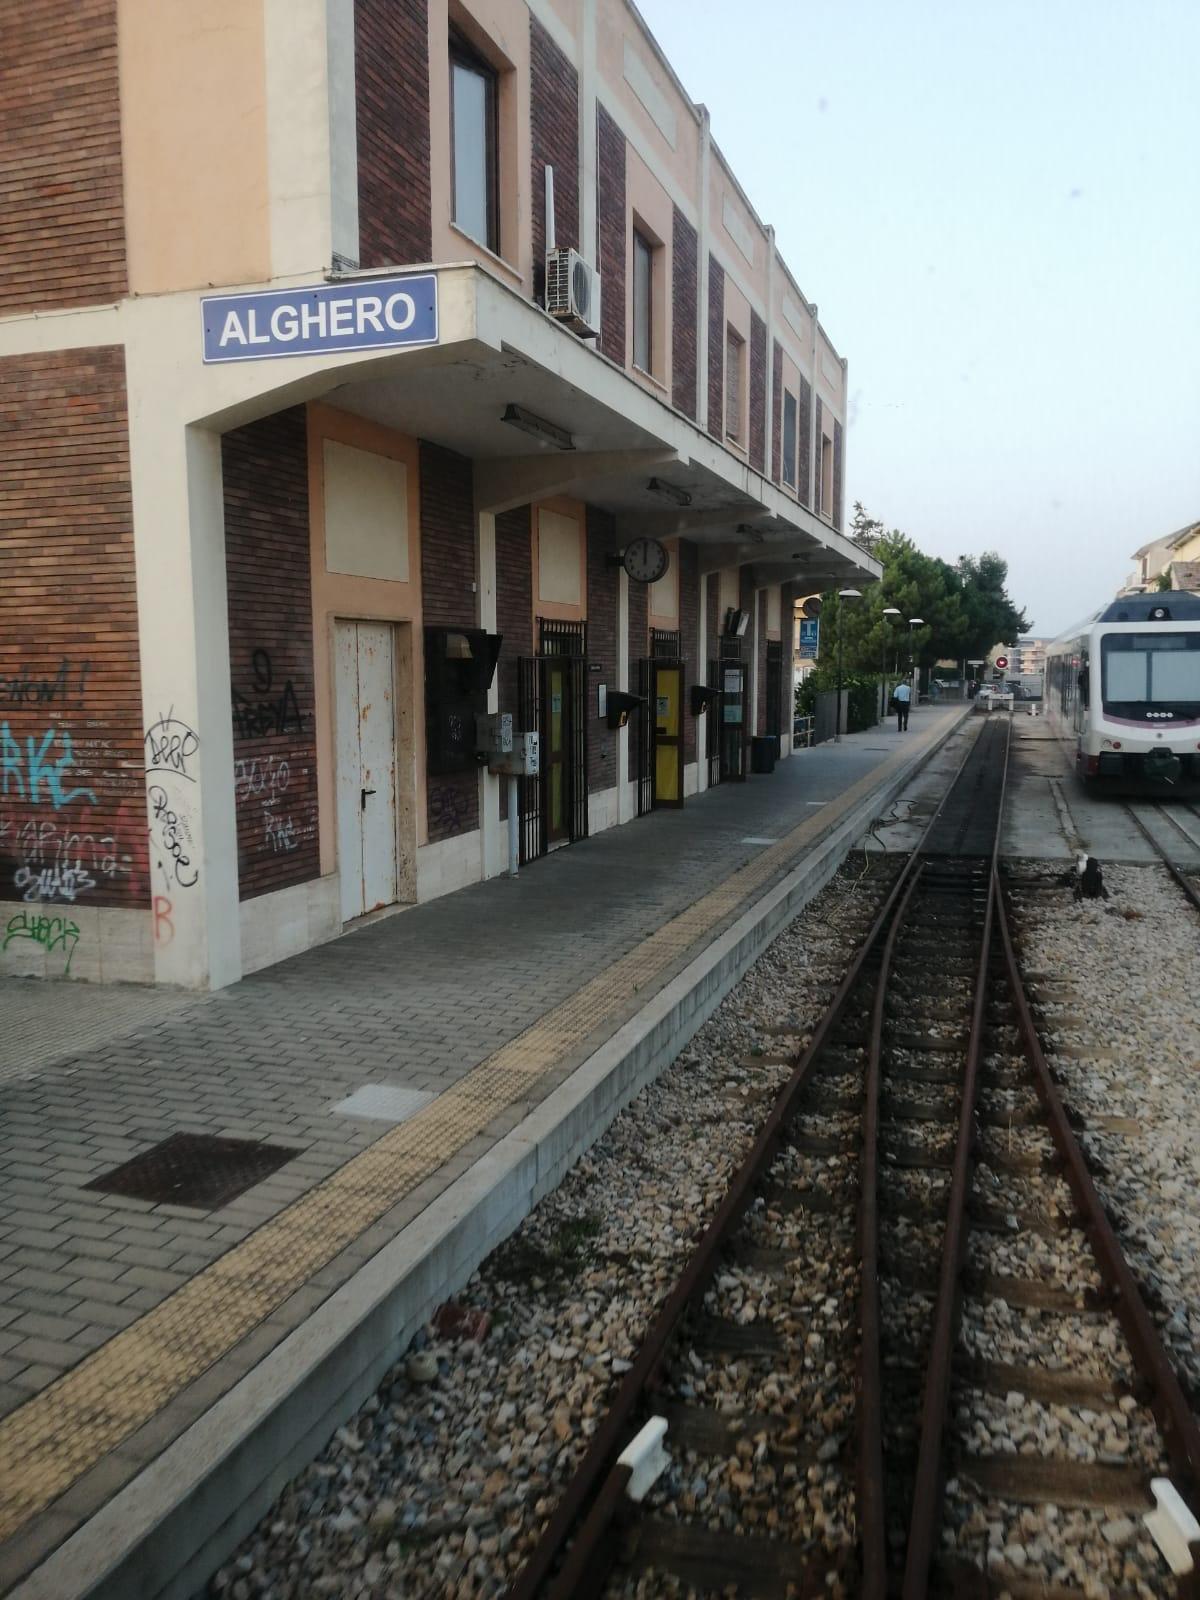 Questa mattina è ripartito il treno di Alghero, con a bordo il presidente del Consiglio regionale, Michele Pais.